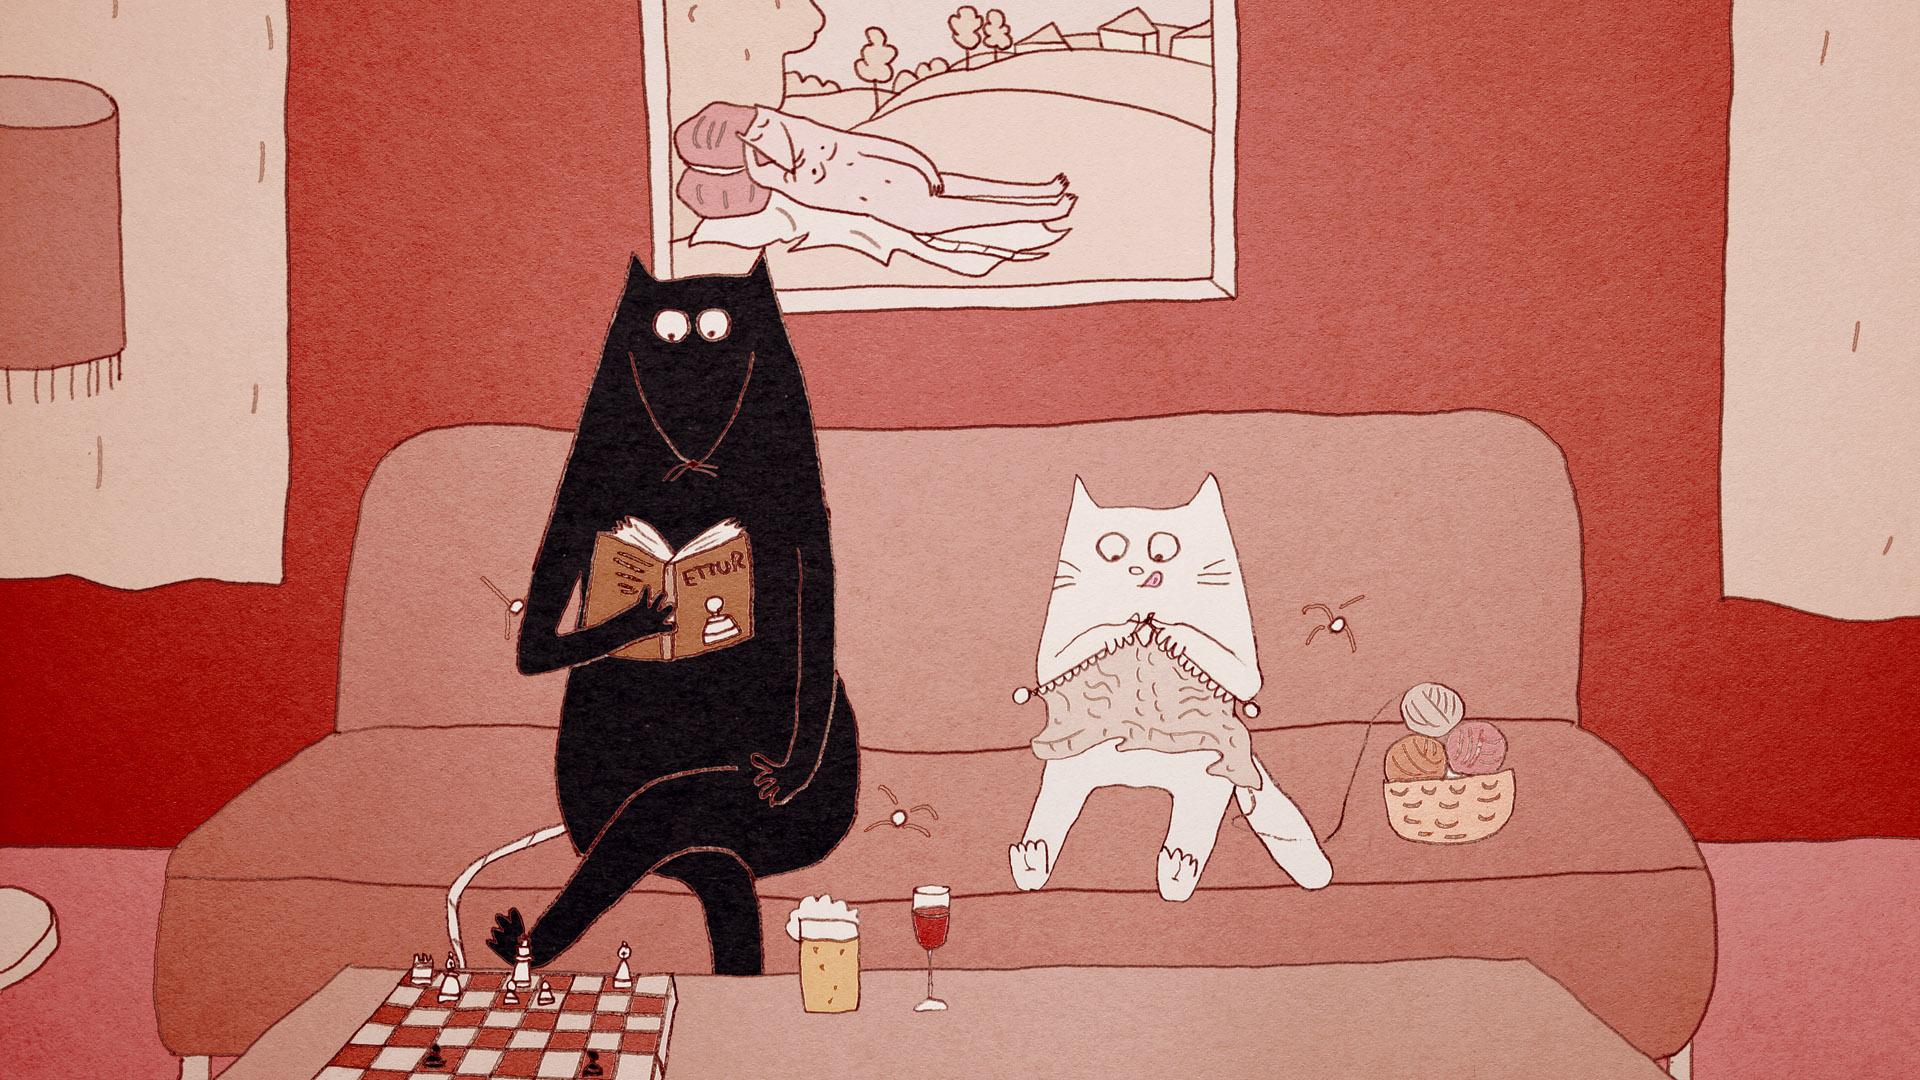 czarny kot kreskówka porno